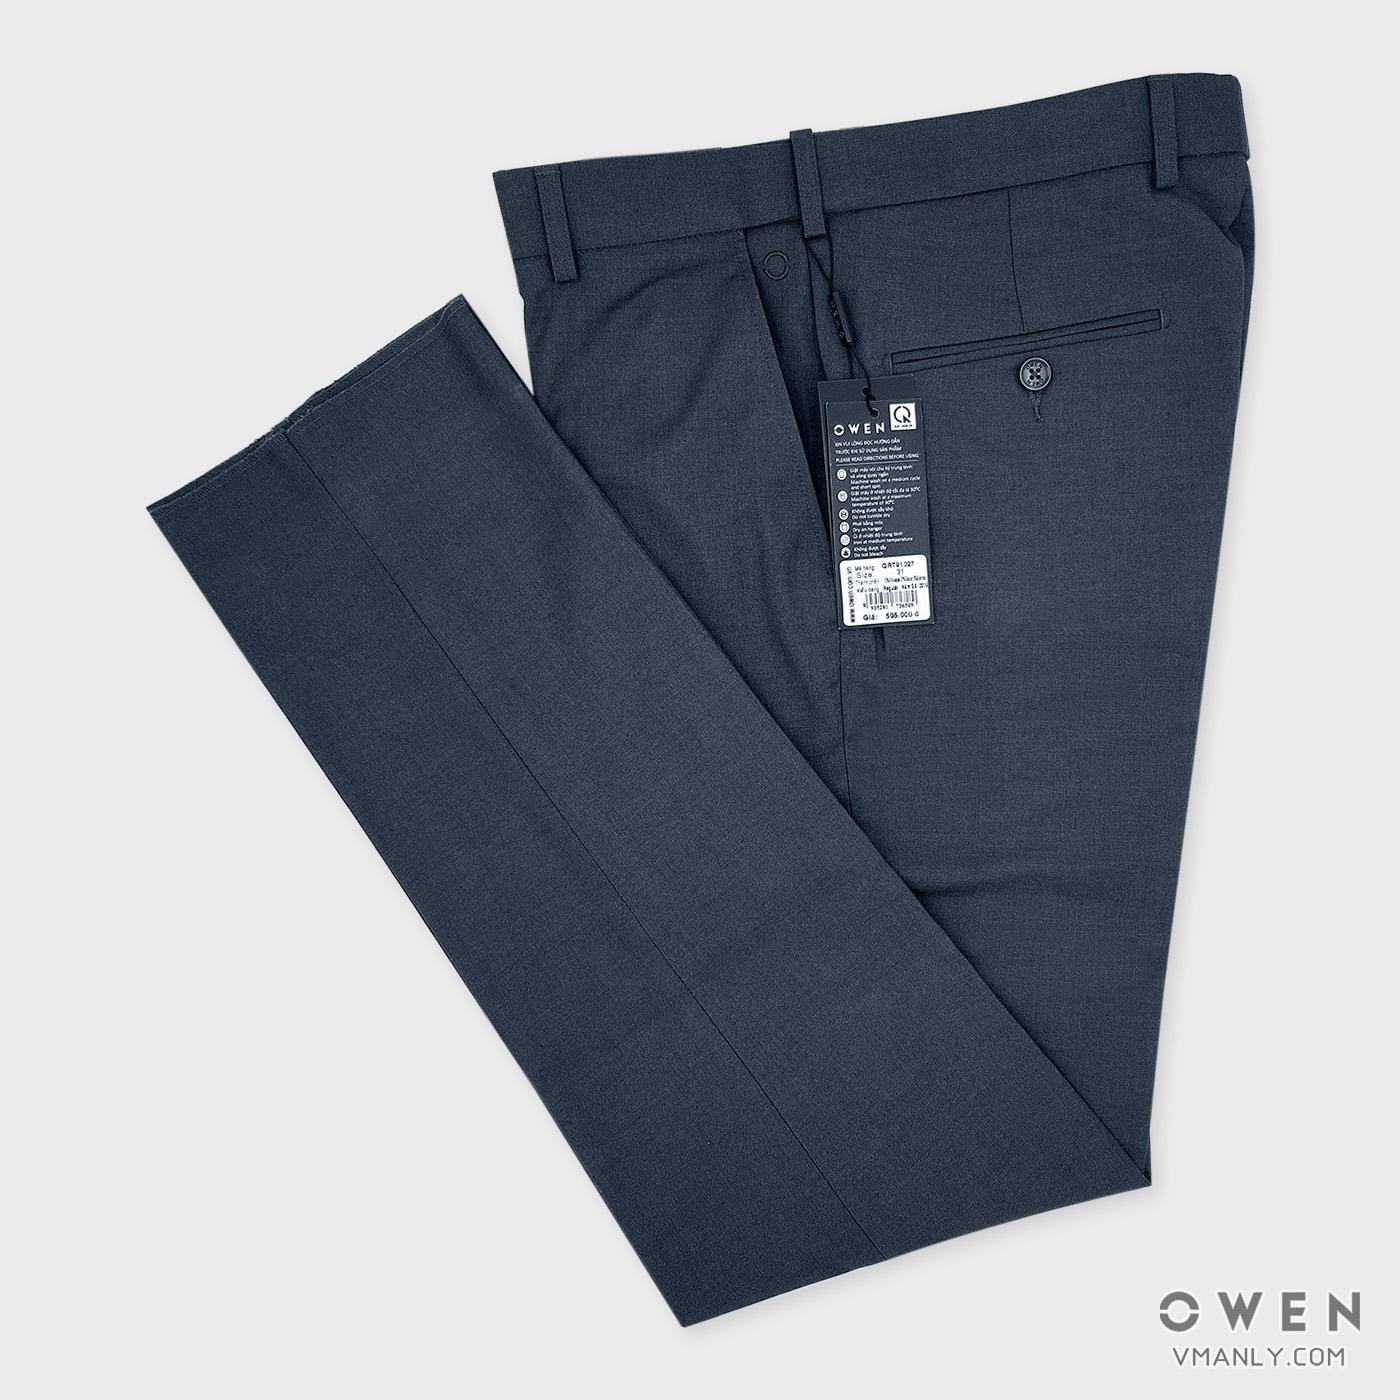 Quần tây Owen không li regular màu ghi QRT91027